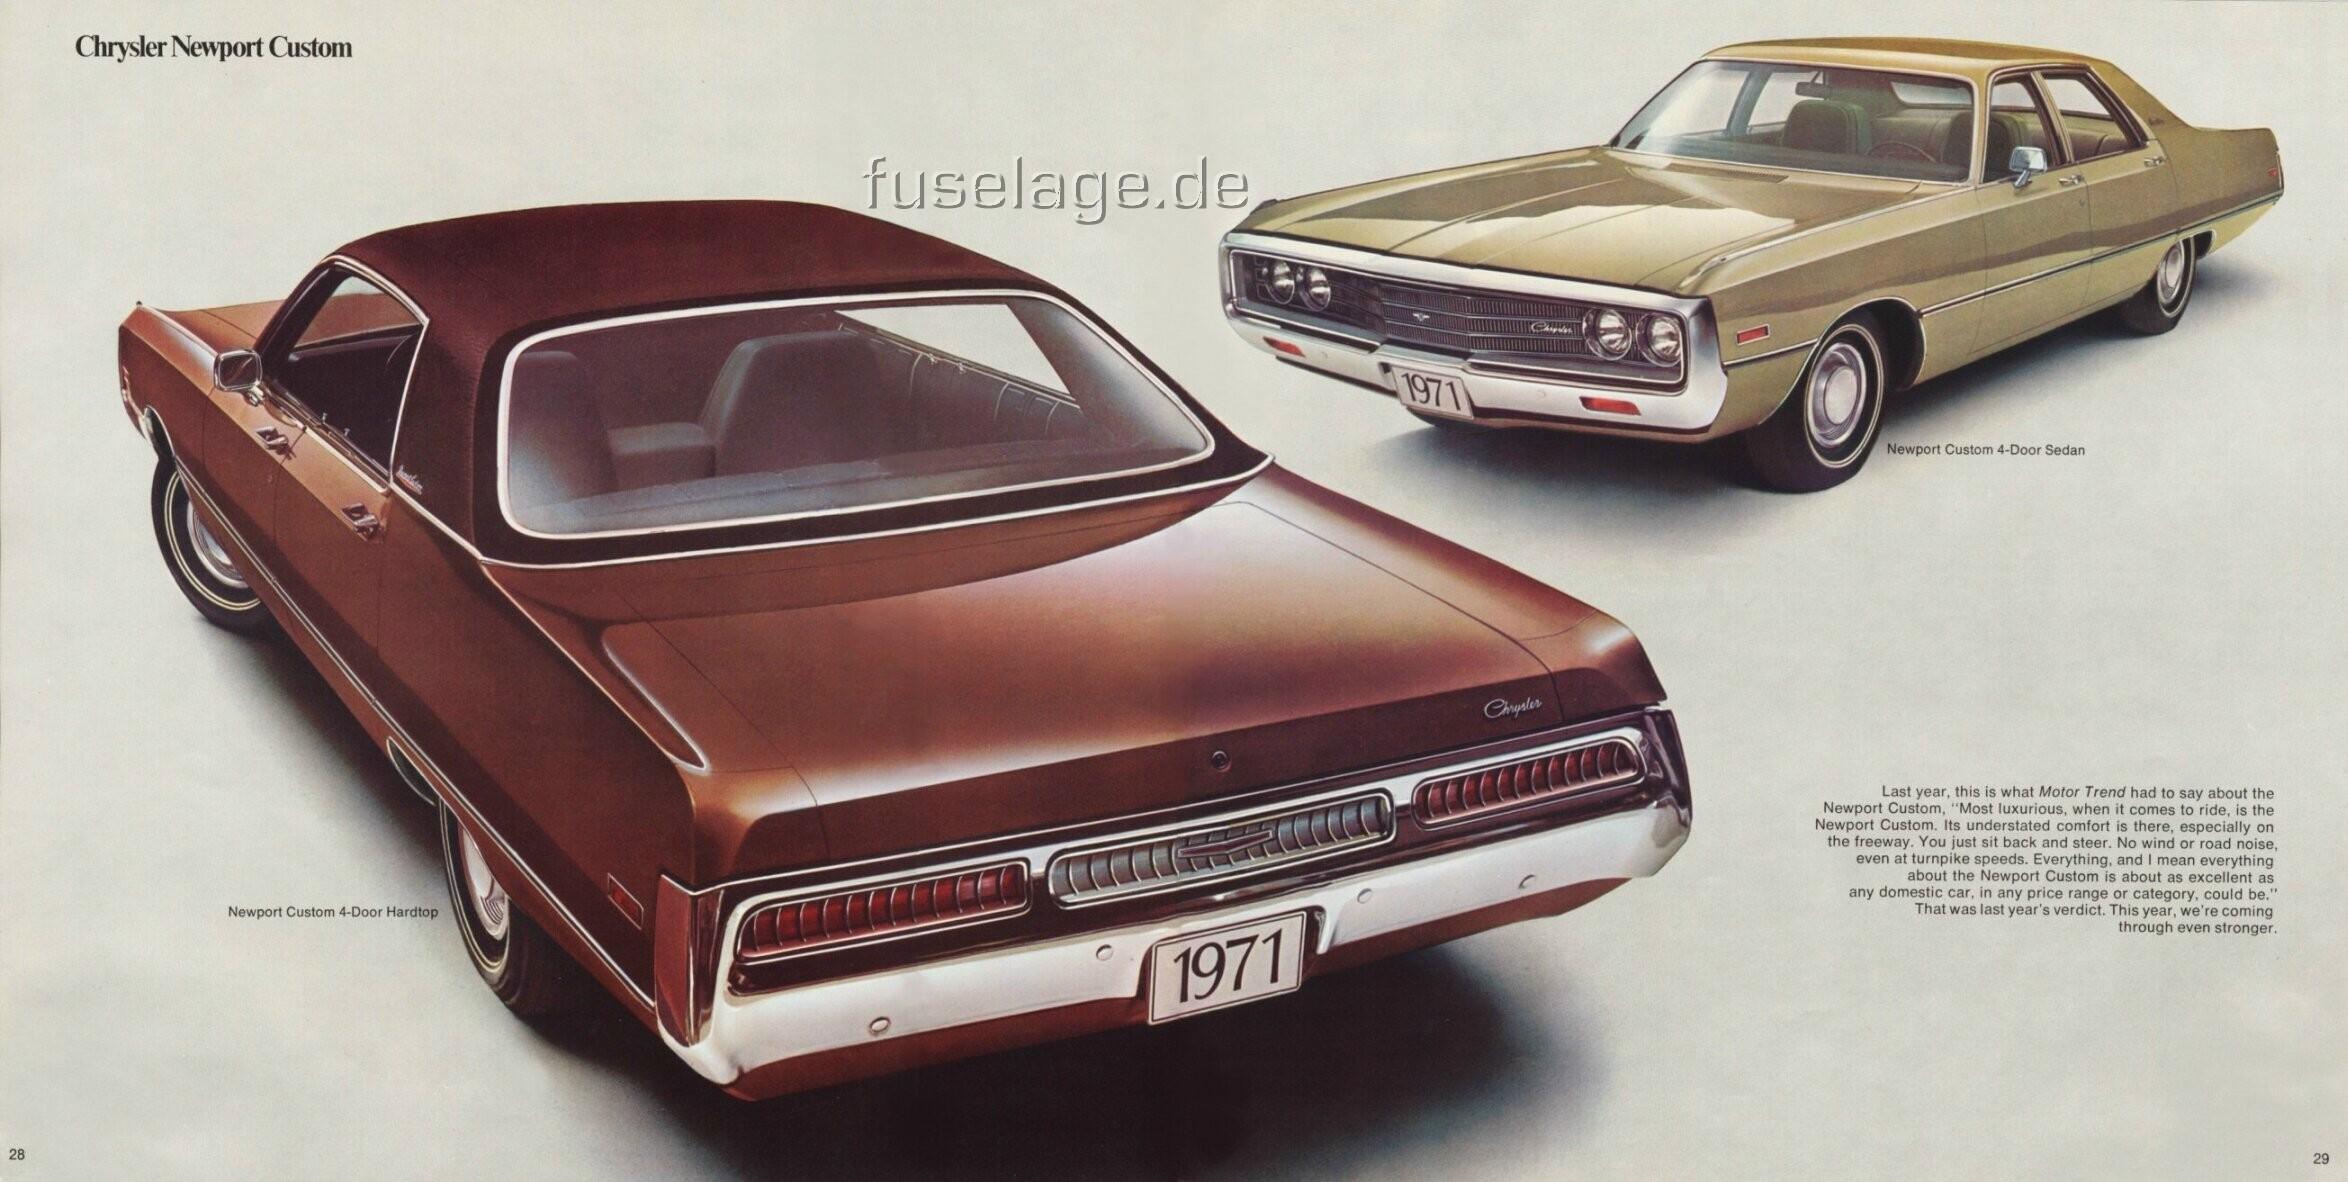 1971 Chrysler Newport Custom